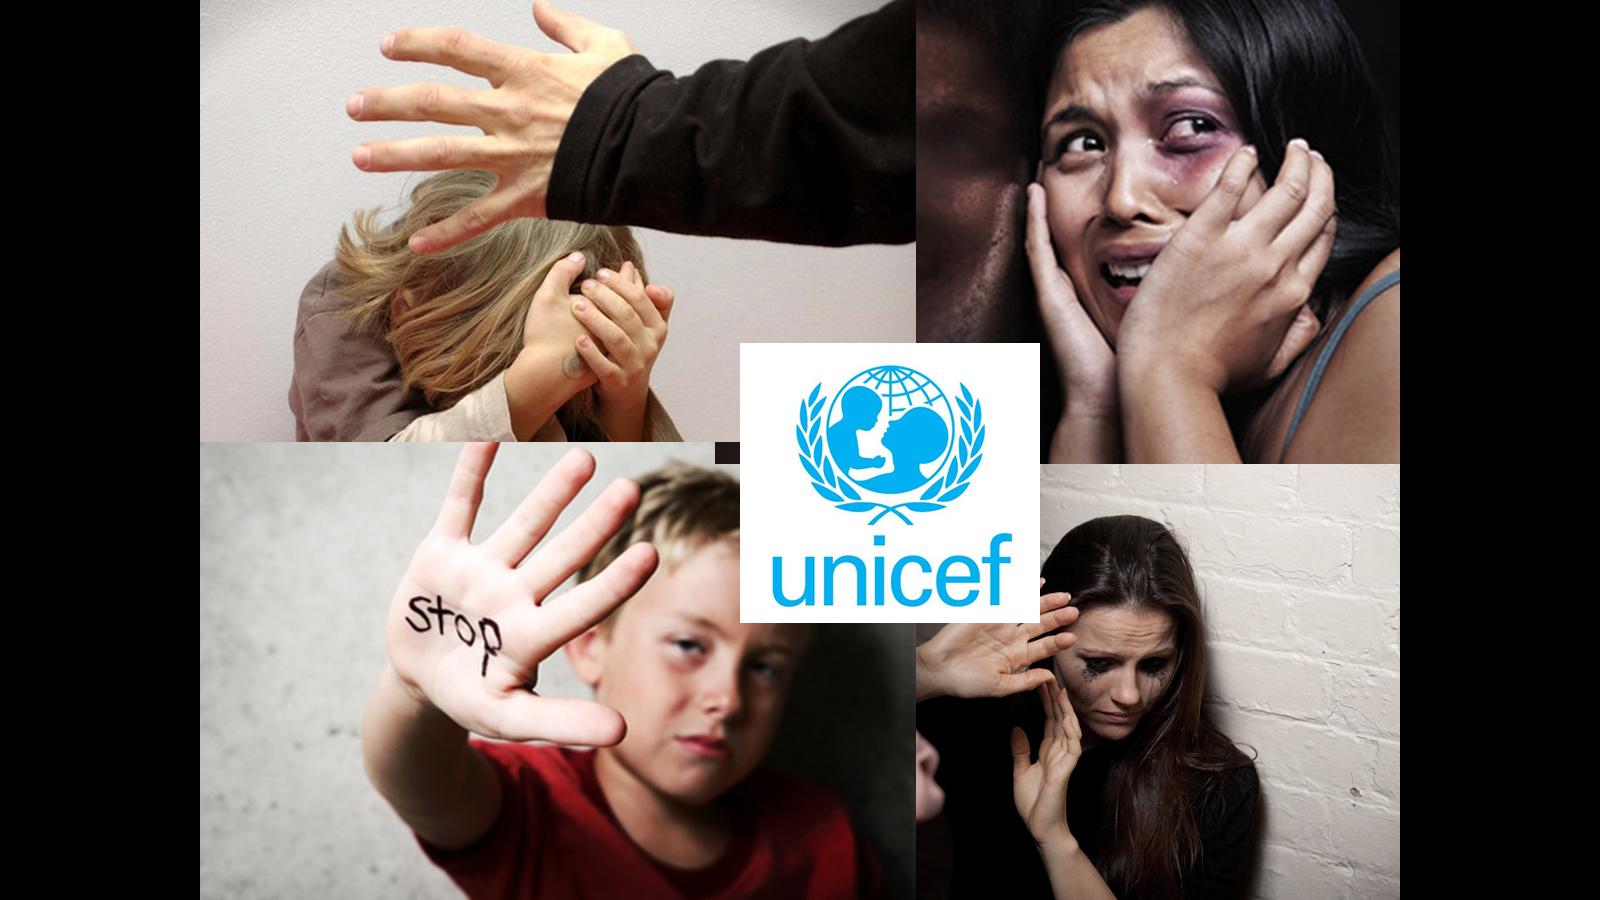 Unicef pide erradicar violencia para lograr objetivo de desarrollo sostenible